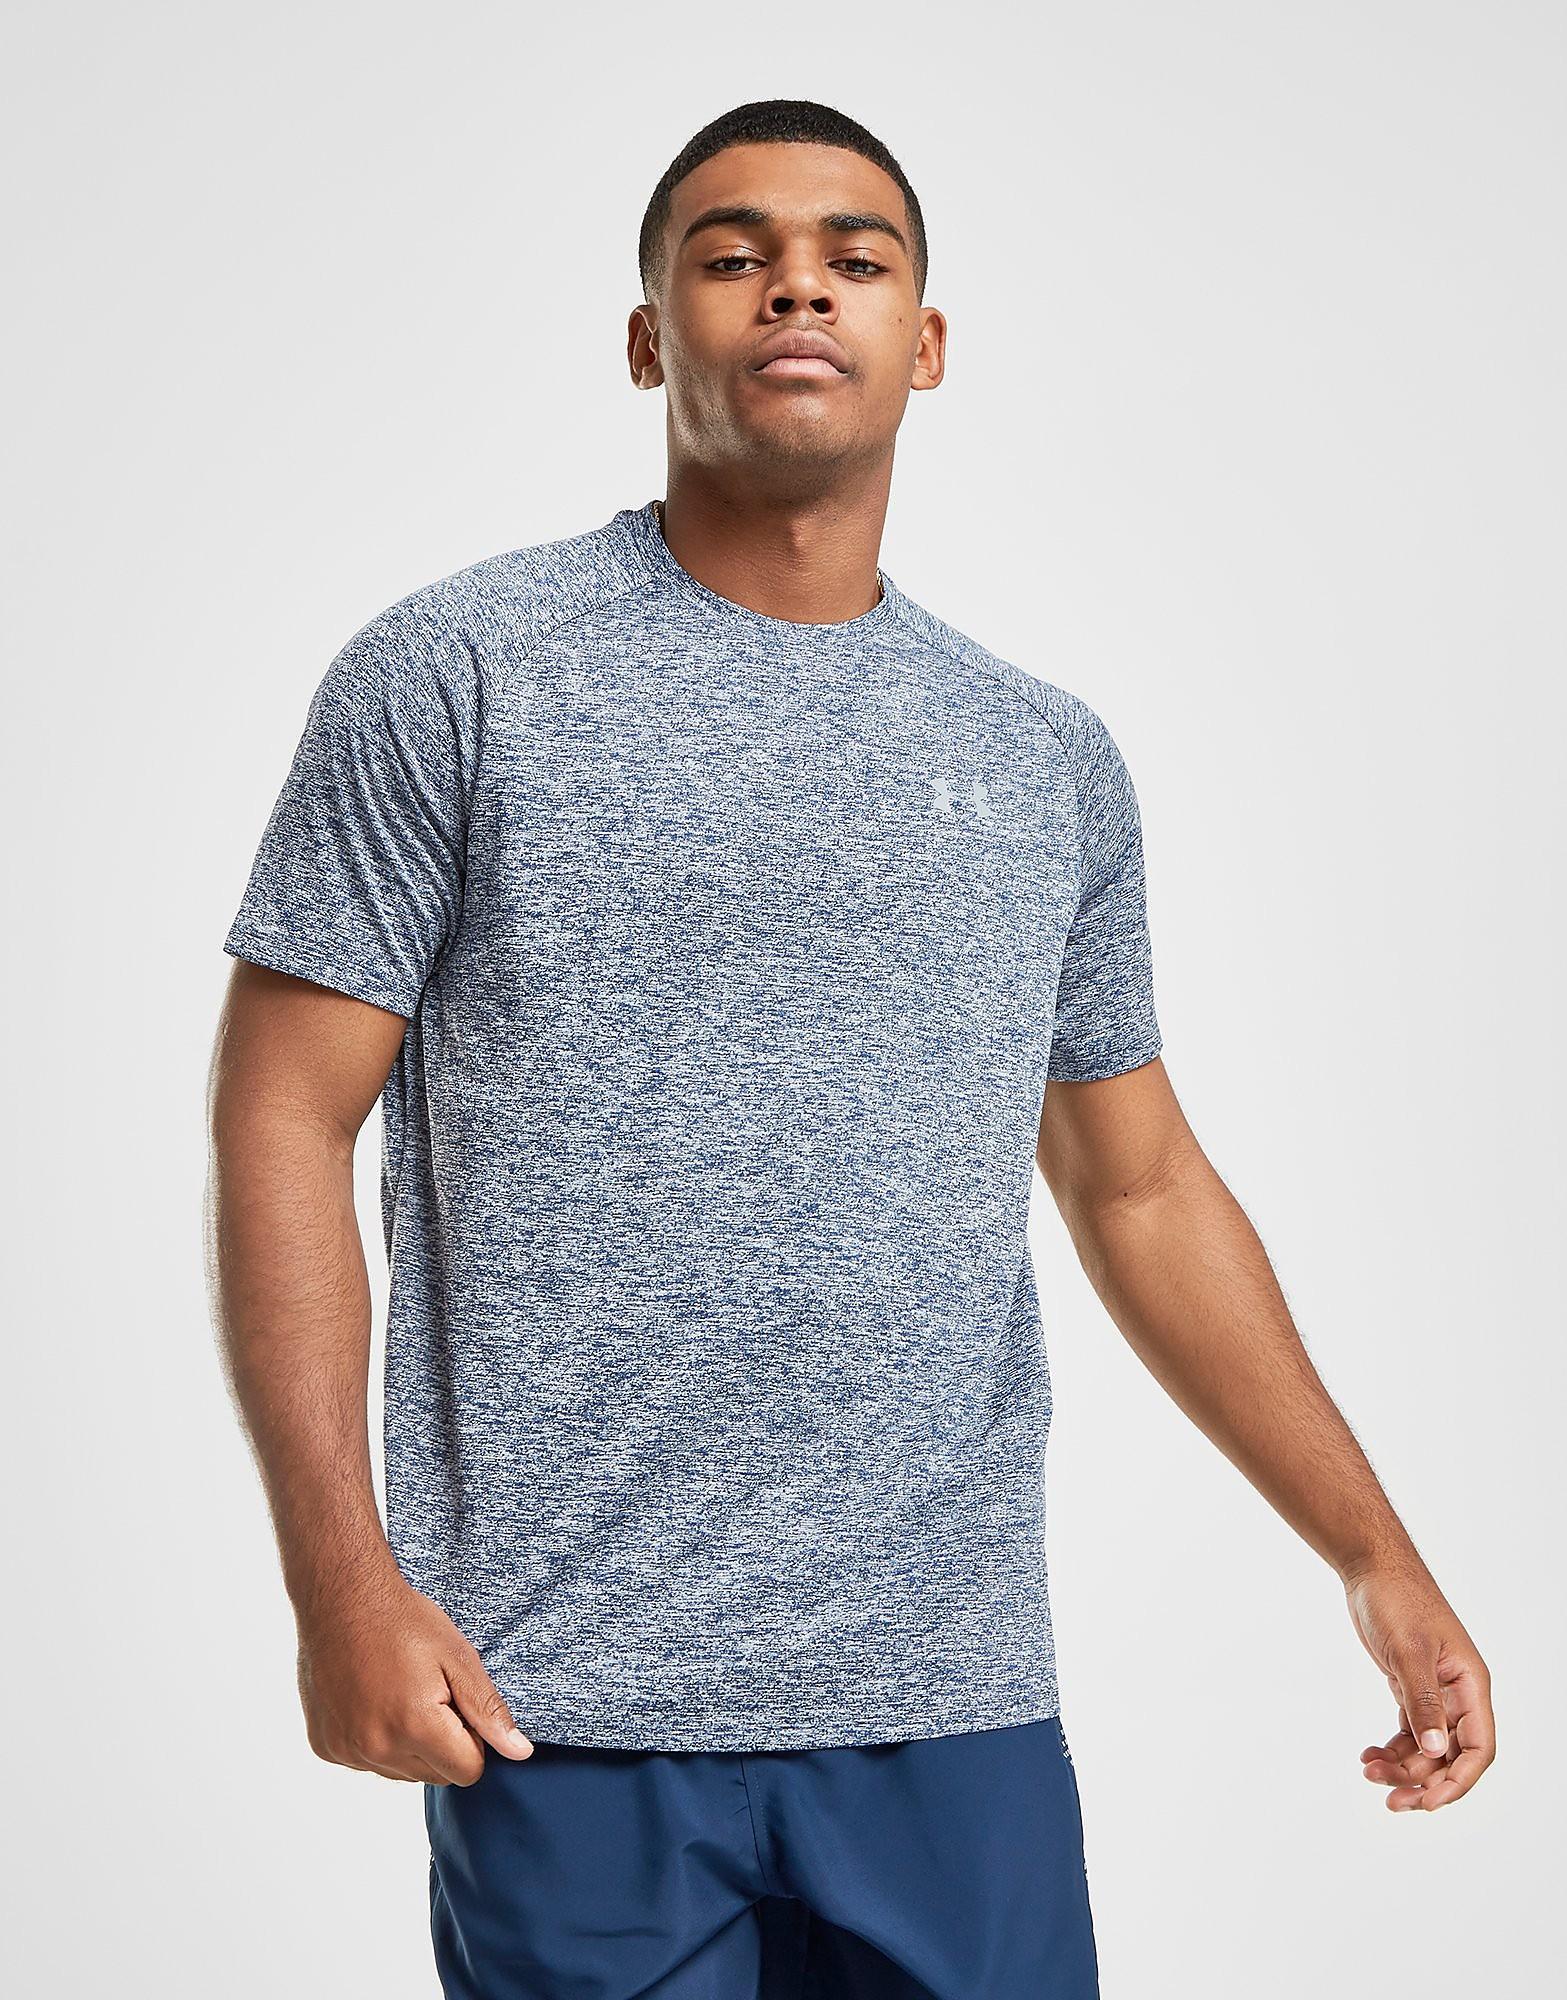 Under Armour Tech Twist T-Shirt